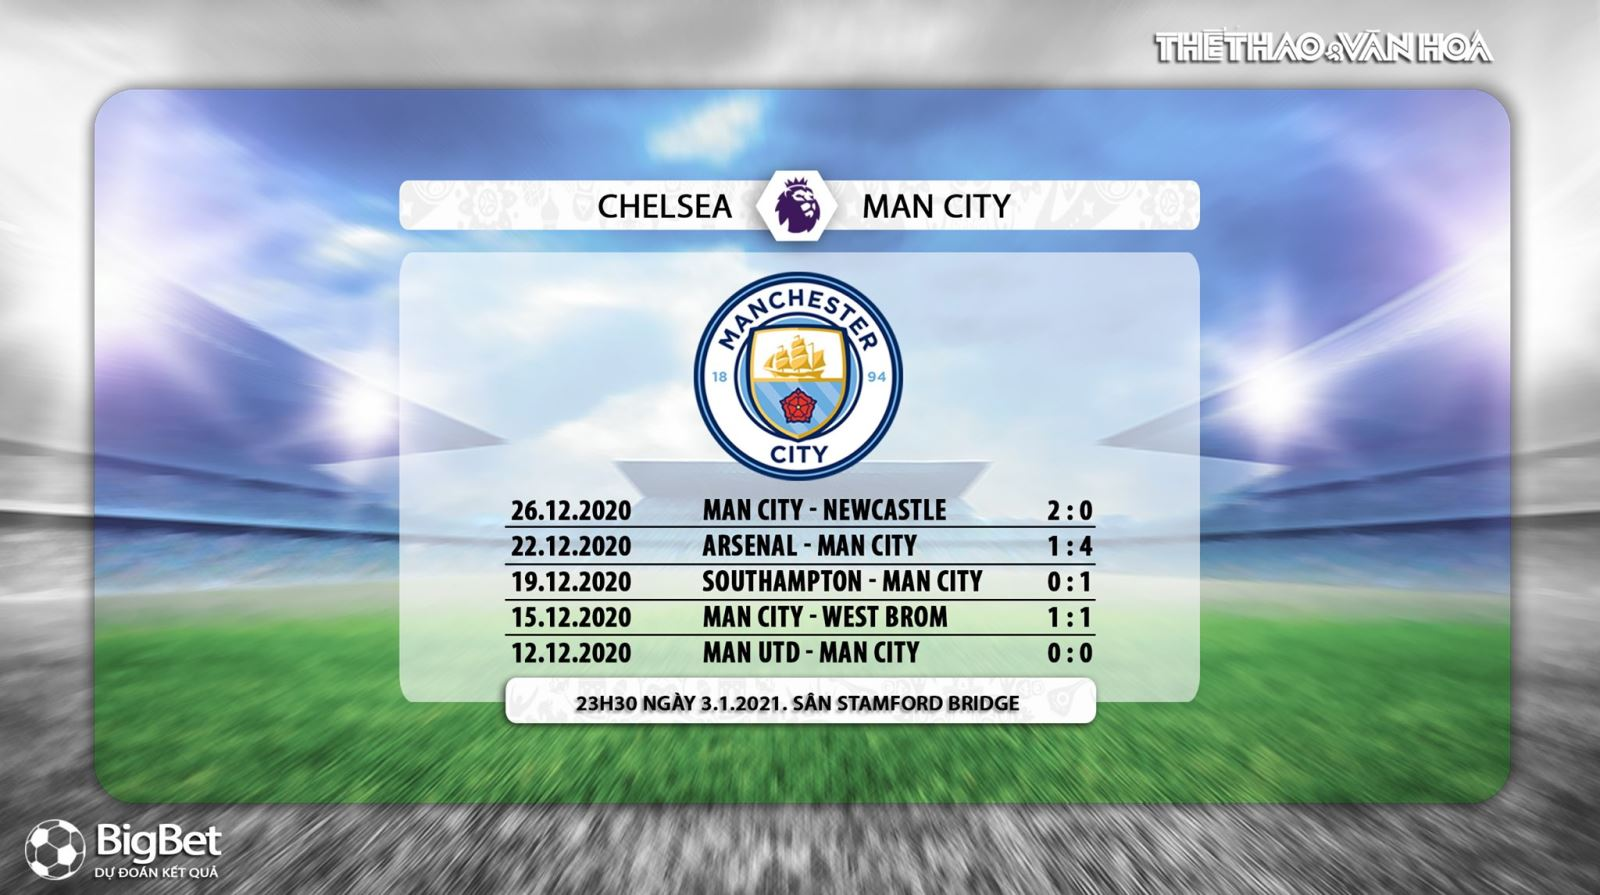 Trực tiếp bóng đá Anh hôm nay: Chelsea-Man City. K+, K+PM, Chelsea đấu với Man City, Trực tiếp Ngoại hạng Anh vòng 17. Xem bóng đá trực tuyến Chelsea vs Man City